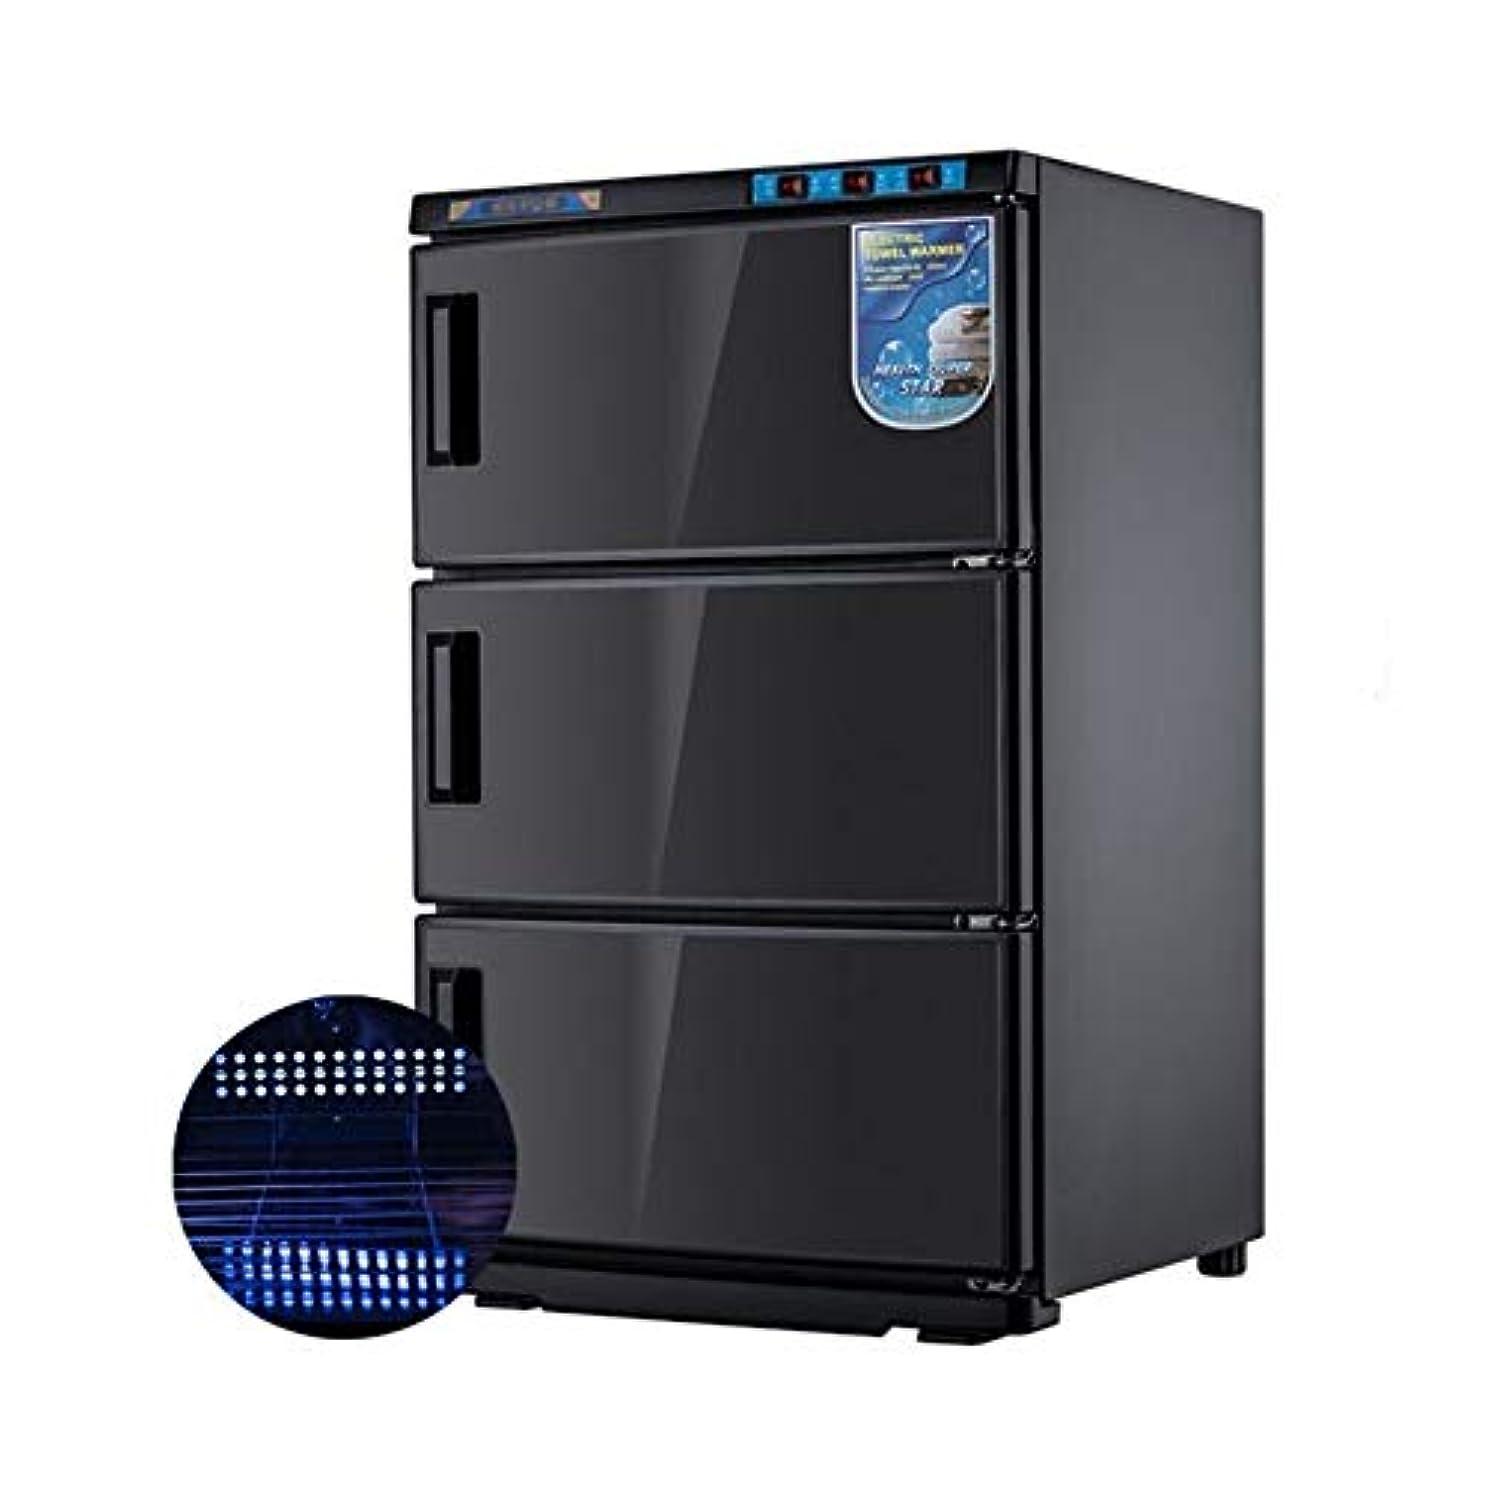 パワーセル床ケージ2in1 75L UV滅菌器ホットタオルウォーマーキャビネットウェットタオルヒーターフェイシャルスキンSPAマッサージヘアビューティーサロン機器(ブラック)